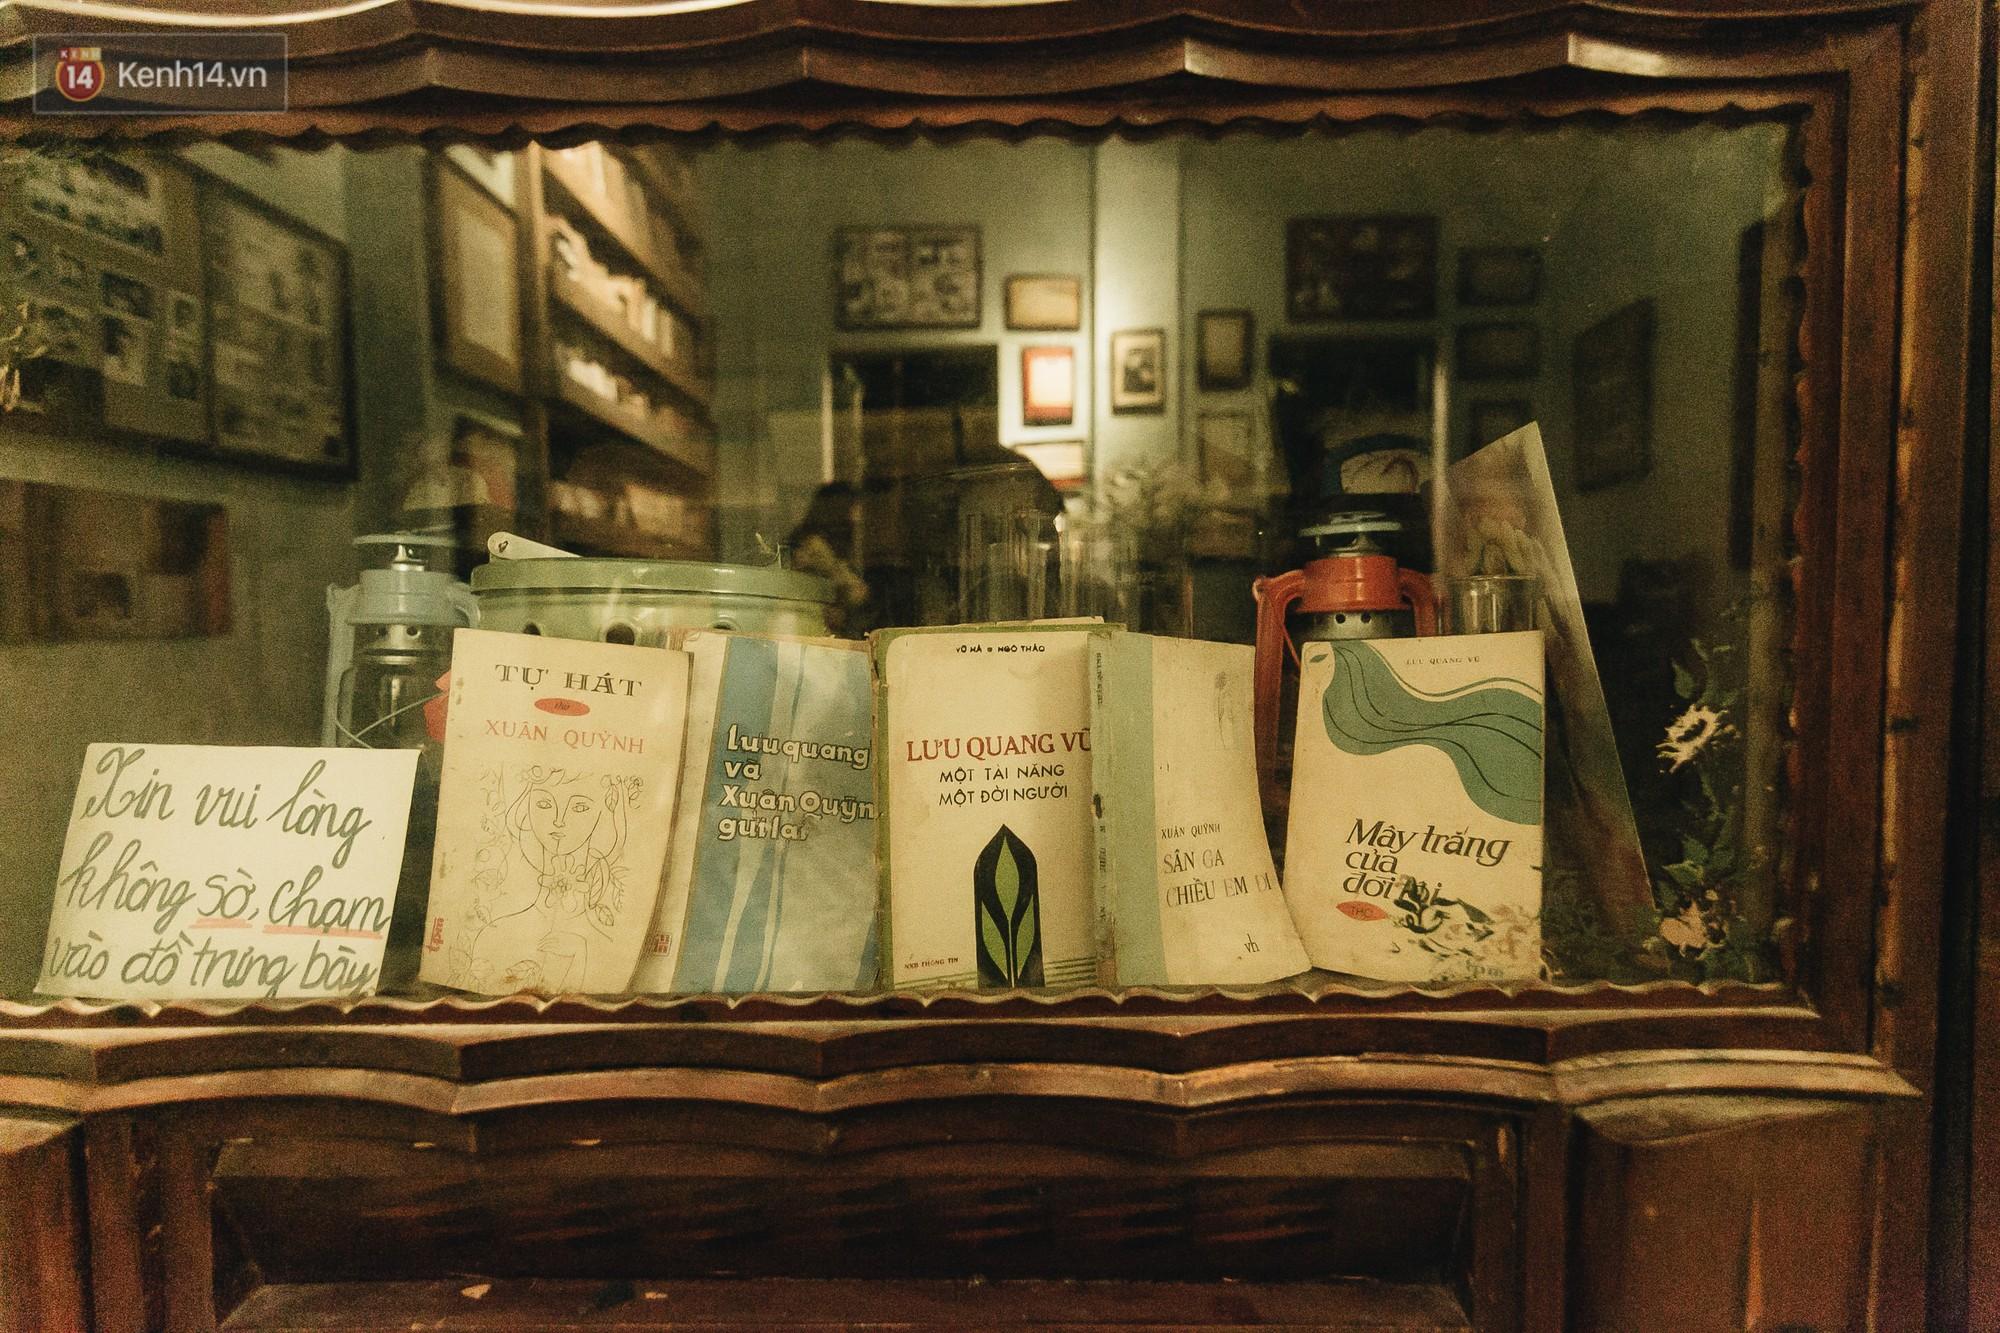 Chuyện về căn phòng 6m2 của vợ chồng Lưu Quang Vũ - Xuân Quỳnh và đêm thơ tưởng nhớ đầy cảm xúc ở Hà Nội - Ảnh 16.